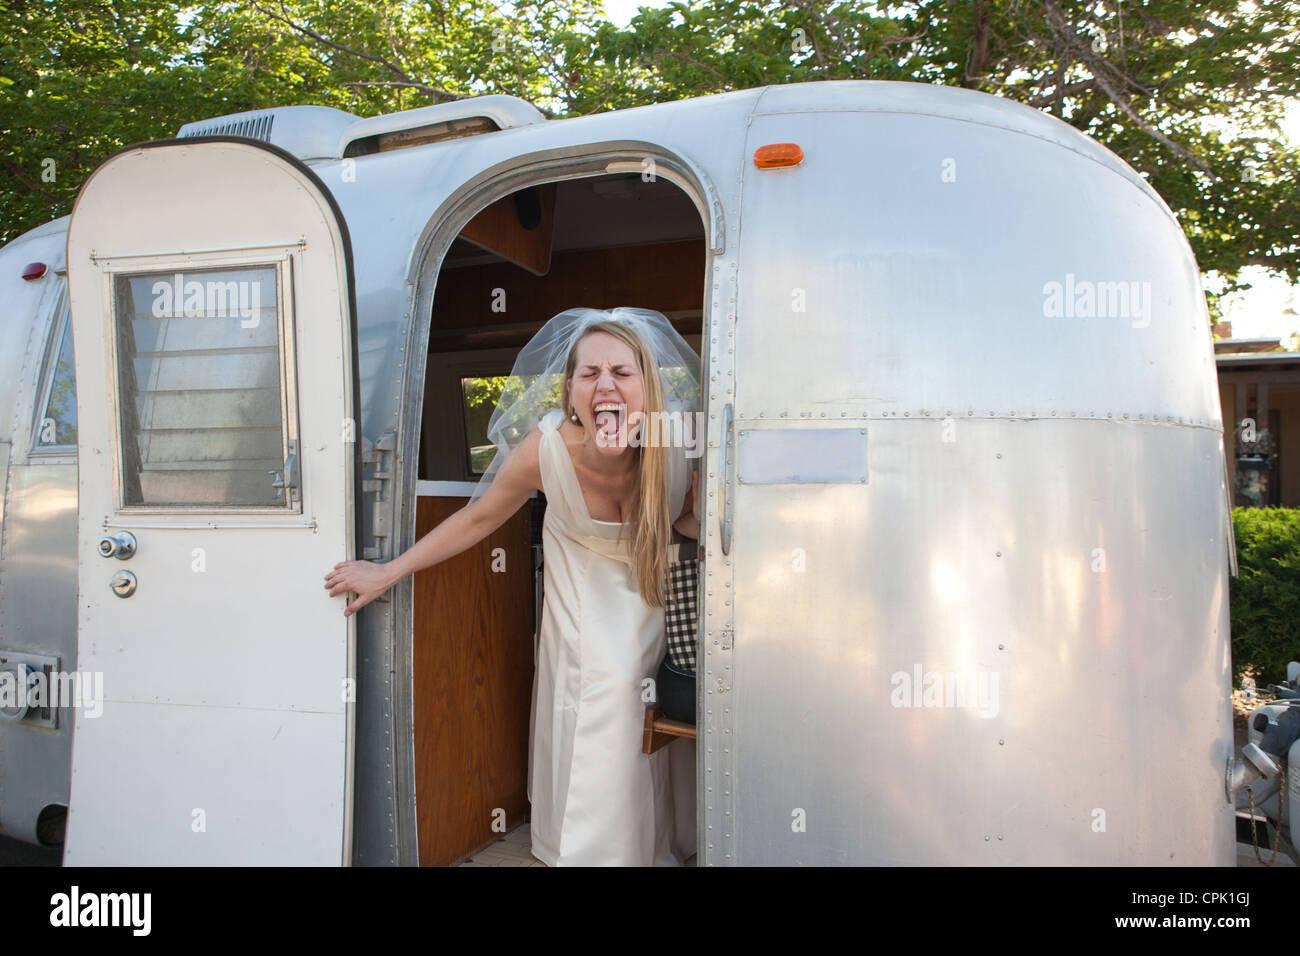 Braut, schreien vor Aufregung im Inneren einen Airstream Wohnwagen. Stockfoto